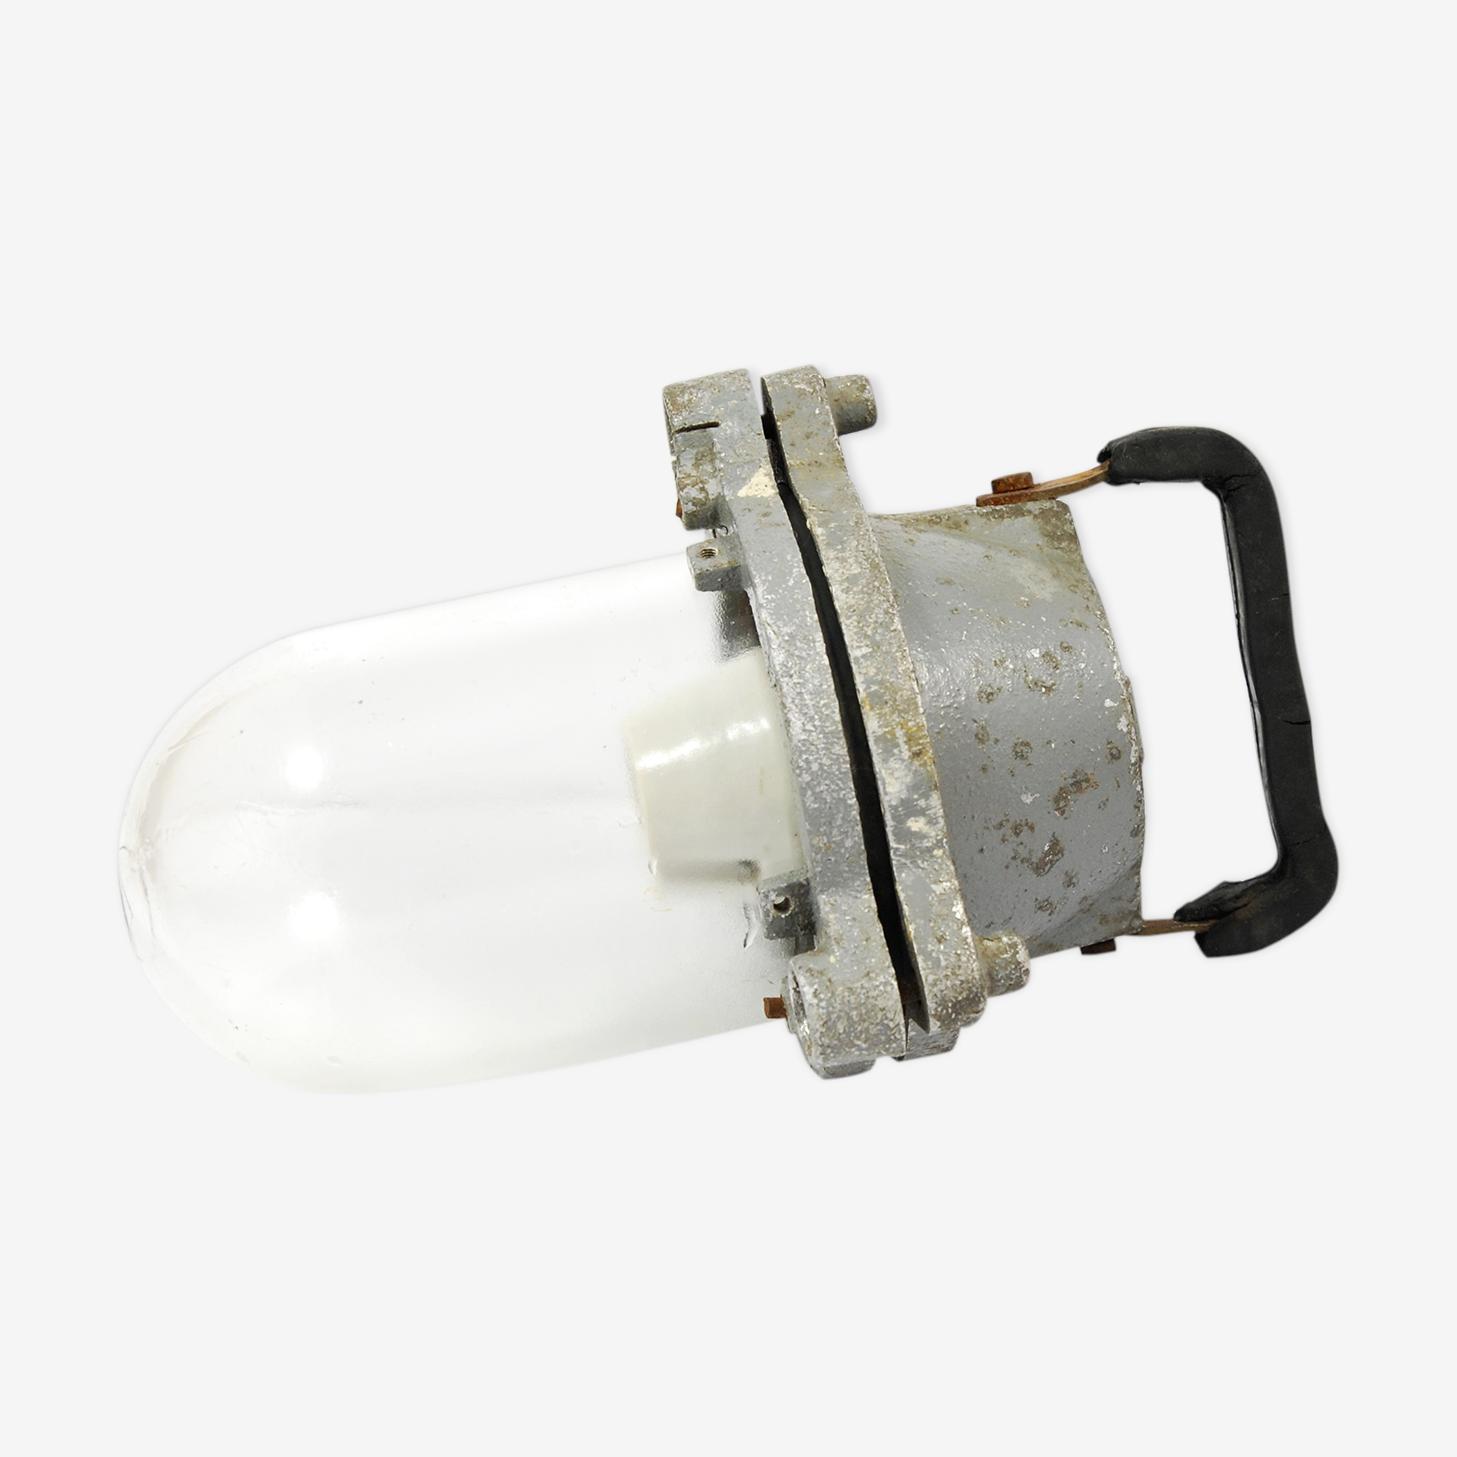 Lampe industrielle type 518-05, Tchécoslovaquie, années 1960